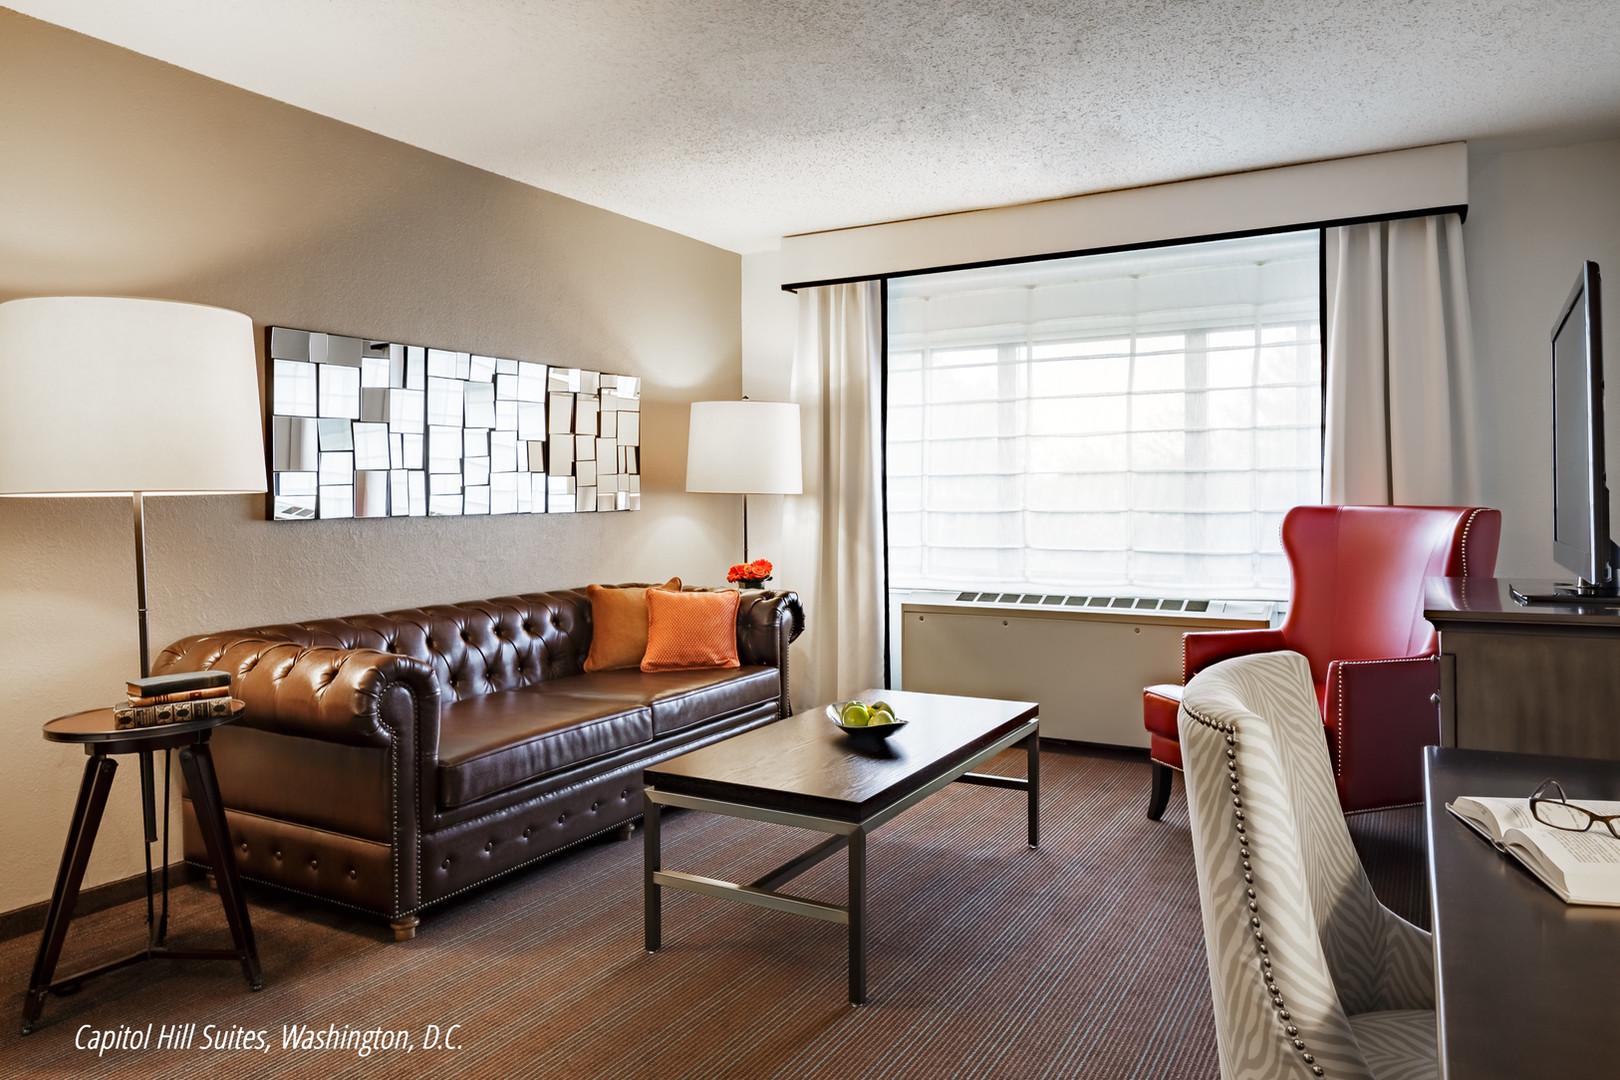 Capitol Hill Suites, Washington, D.C.